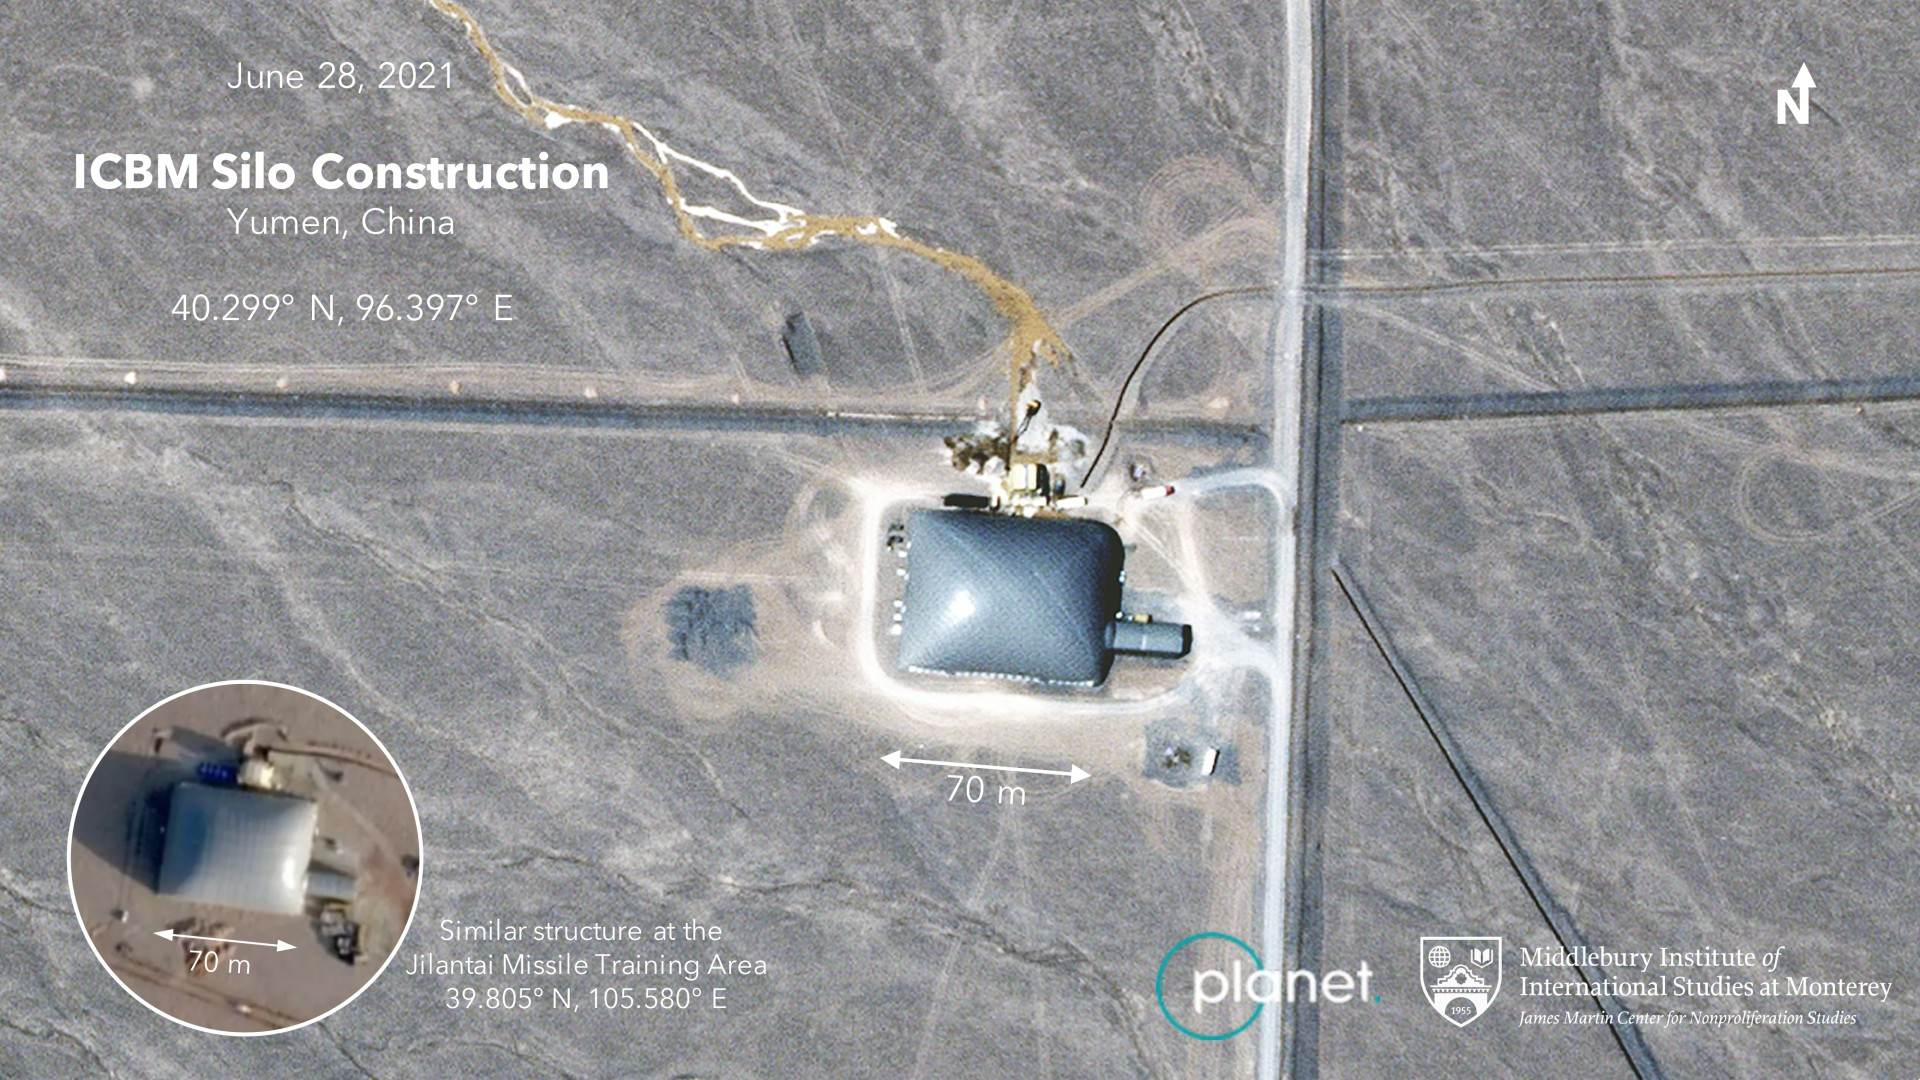 Imagem detalhada de um silo de míssil chinês com uma cúpula no topo